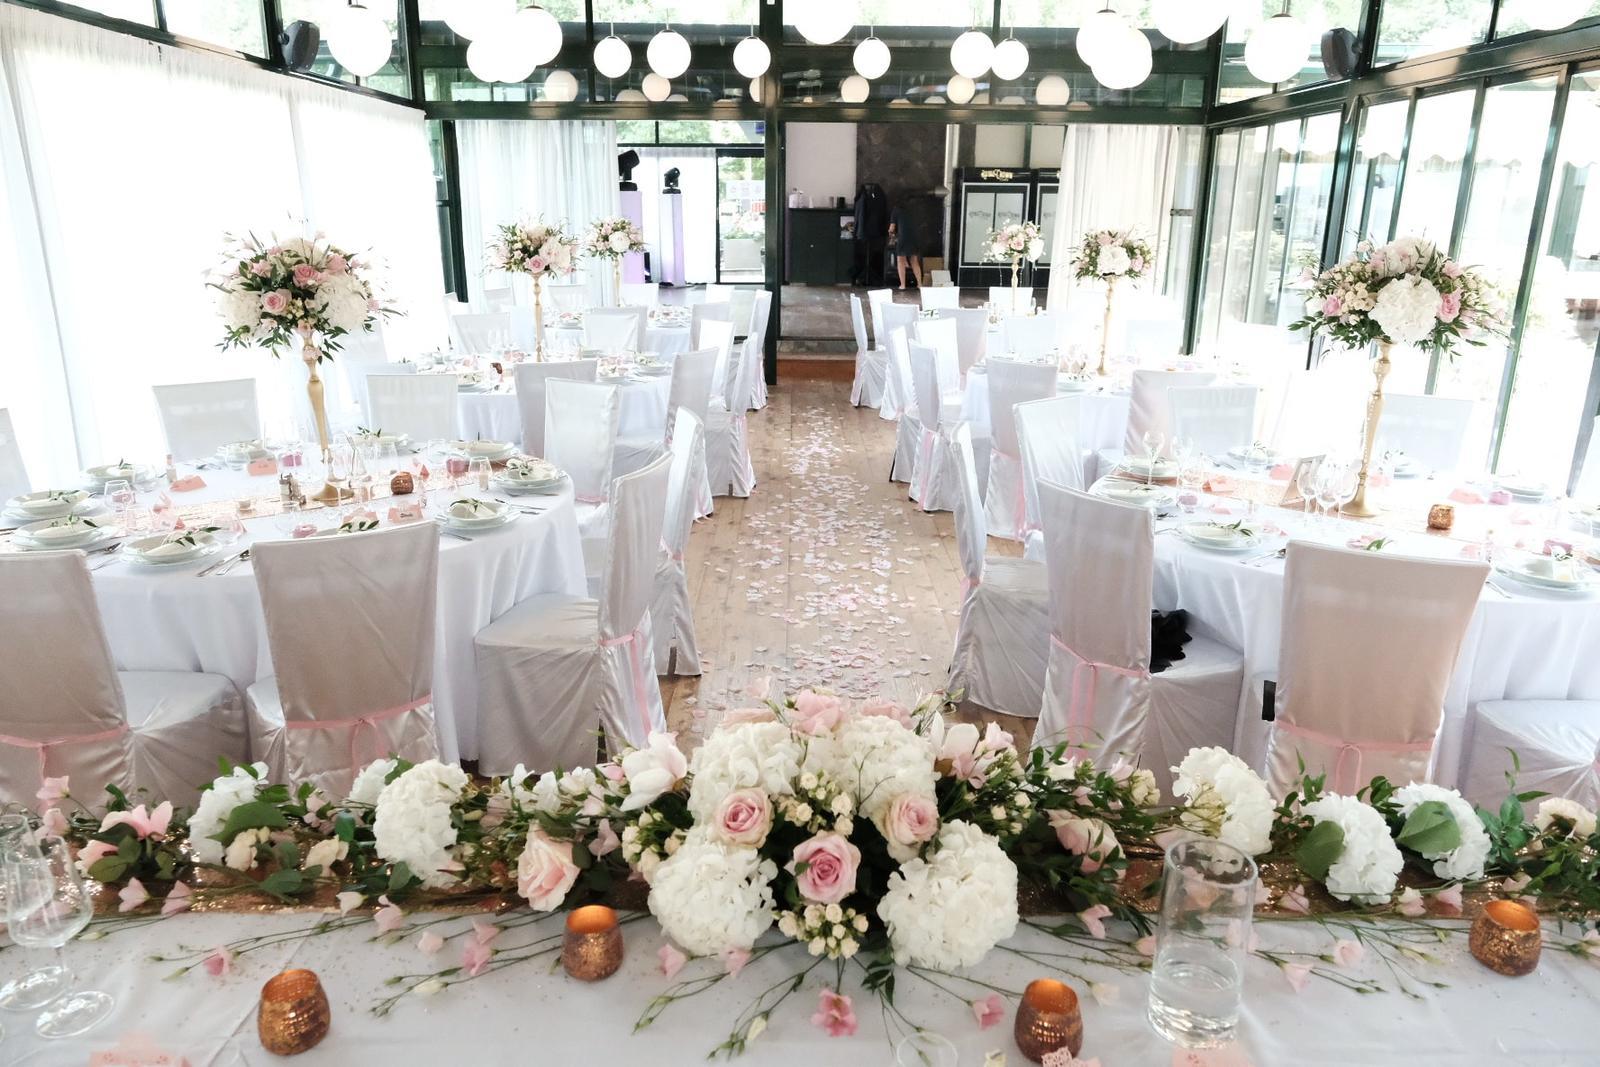 Chiavari & okrúhle stoly na svadbe Nikolet & Erika - TROPIC Šaštín ♥ - Obrázok č. 2